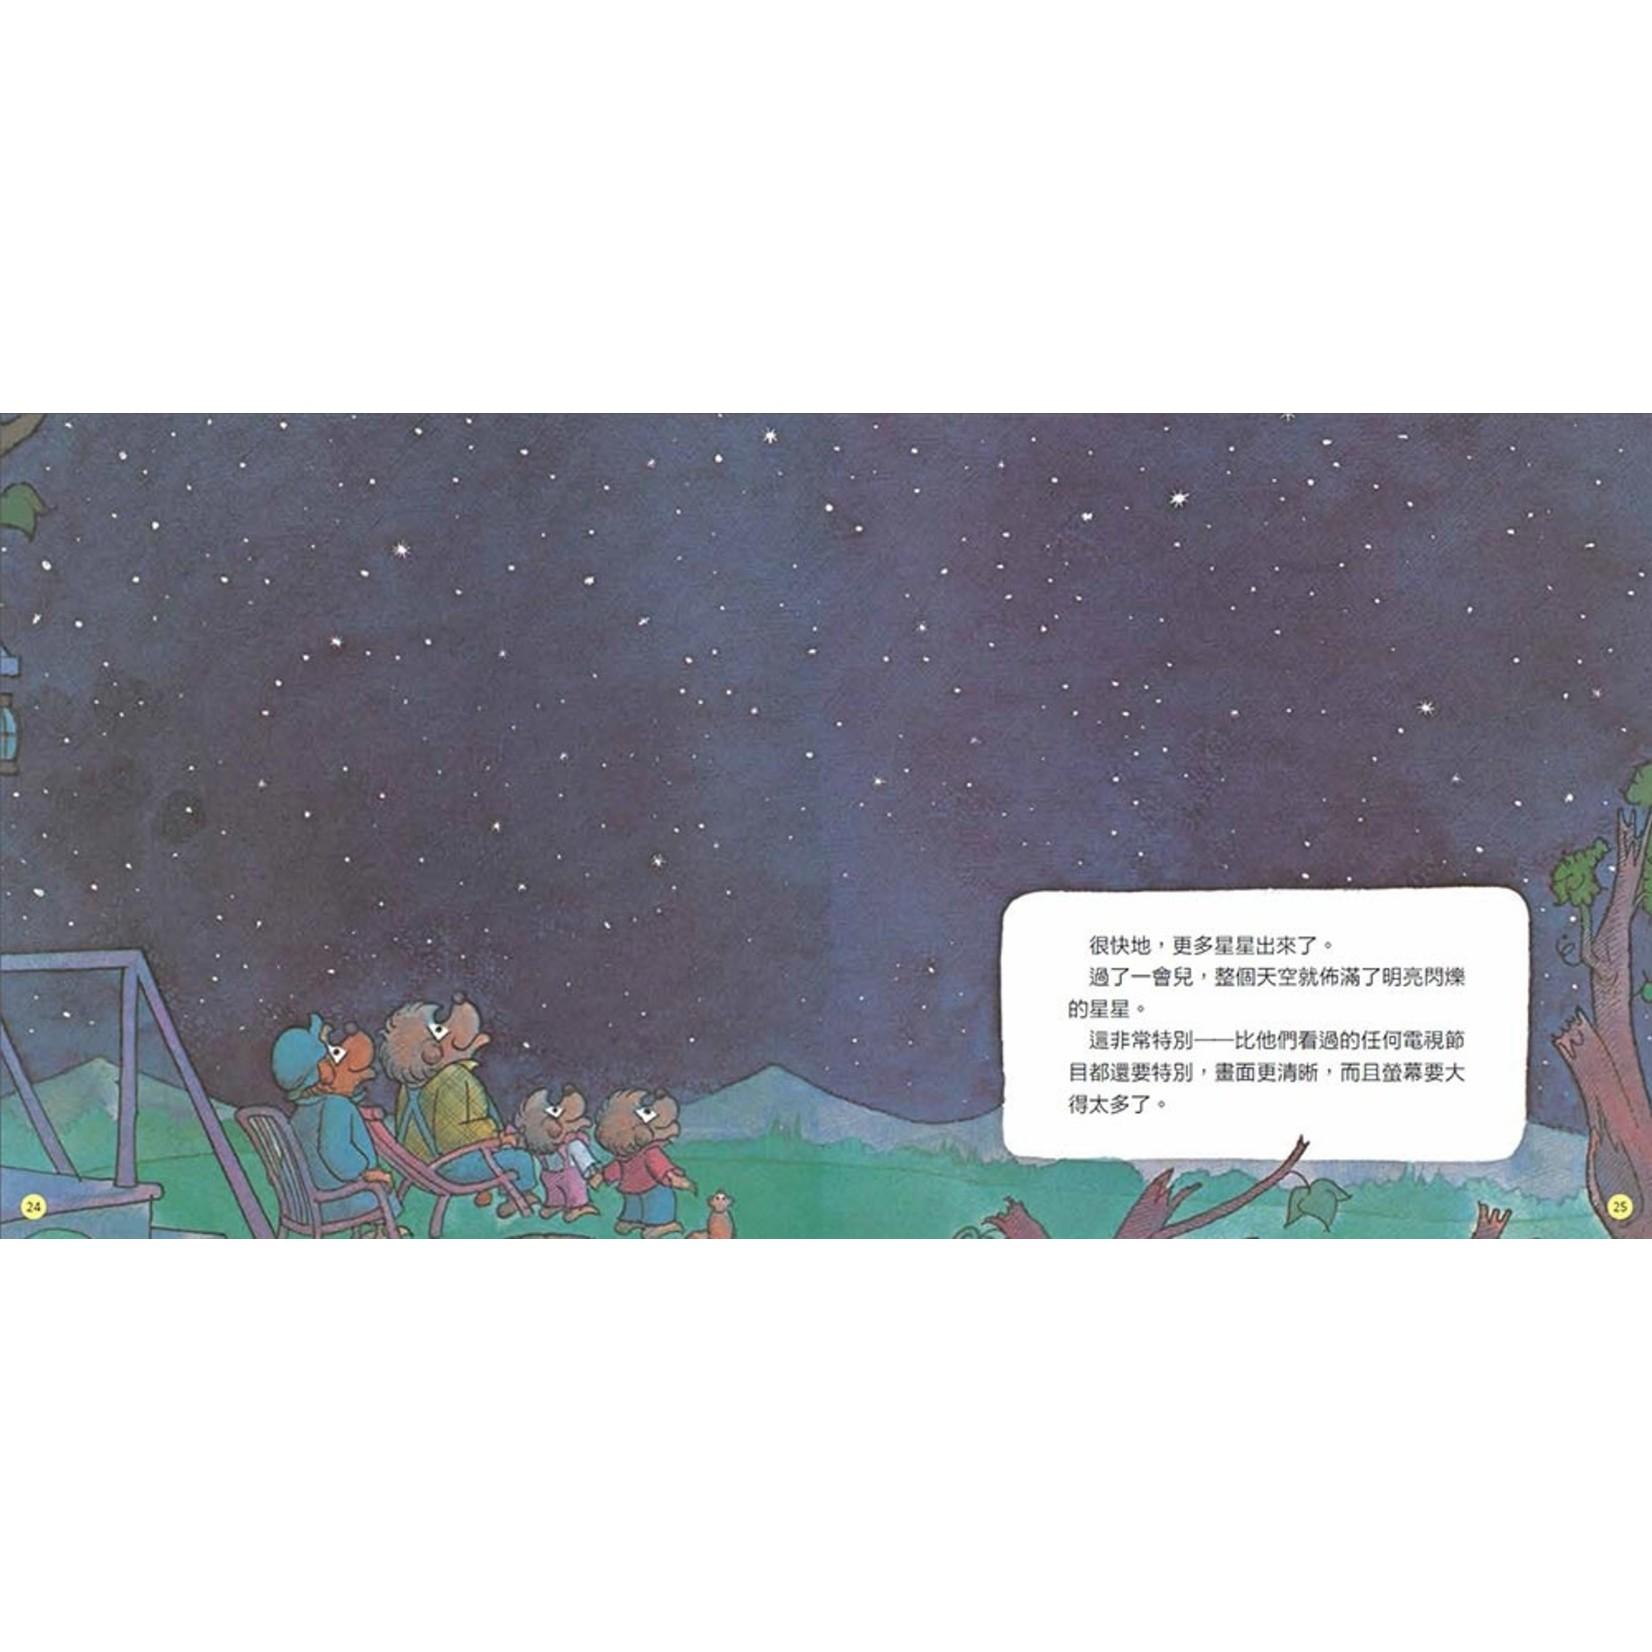 生命樹 Life Tree Global 貝安斯坦熊系列09:看太多電視啦 The Berenstain Bears and Too Much TV